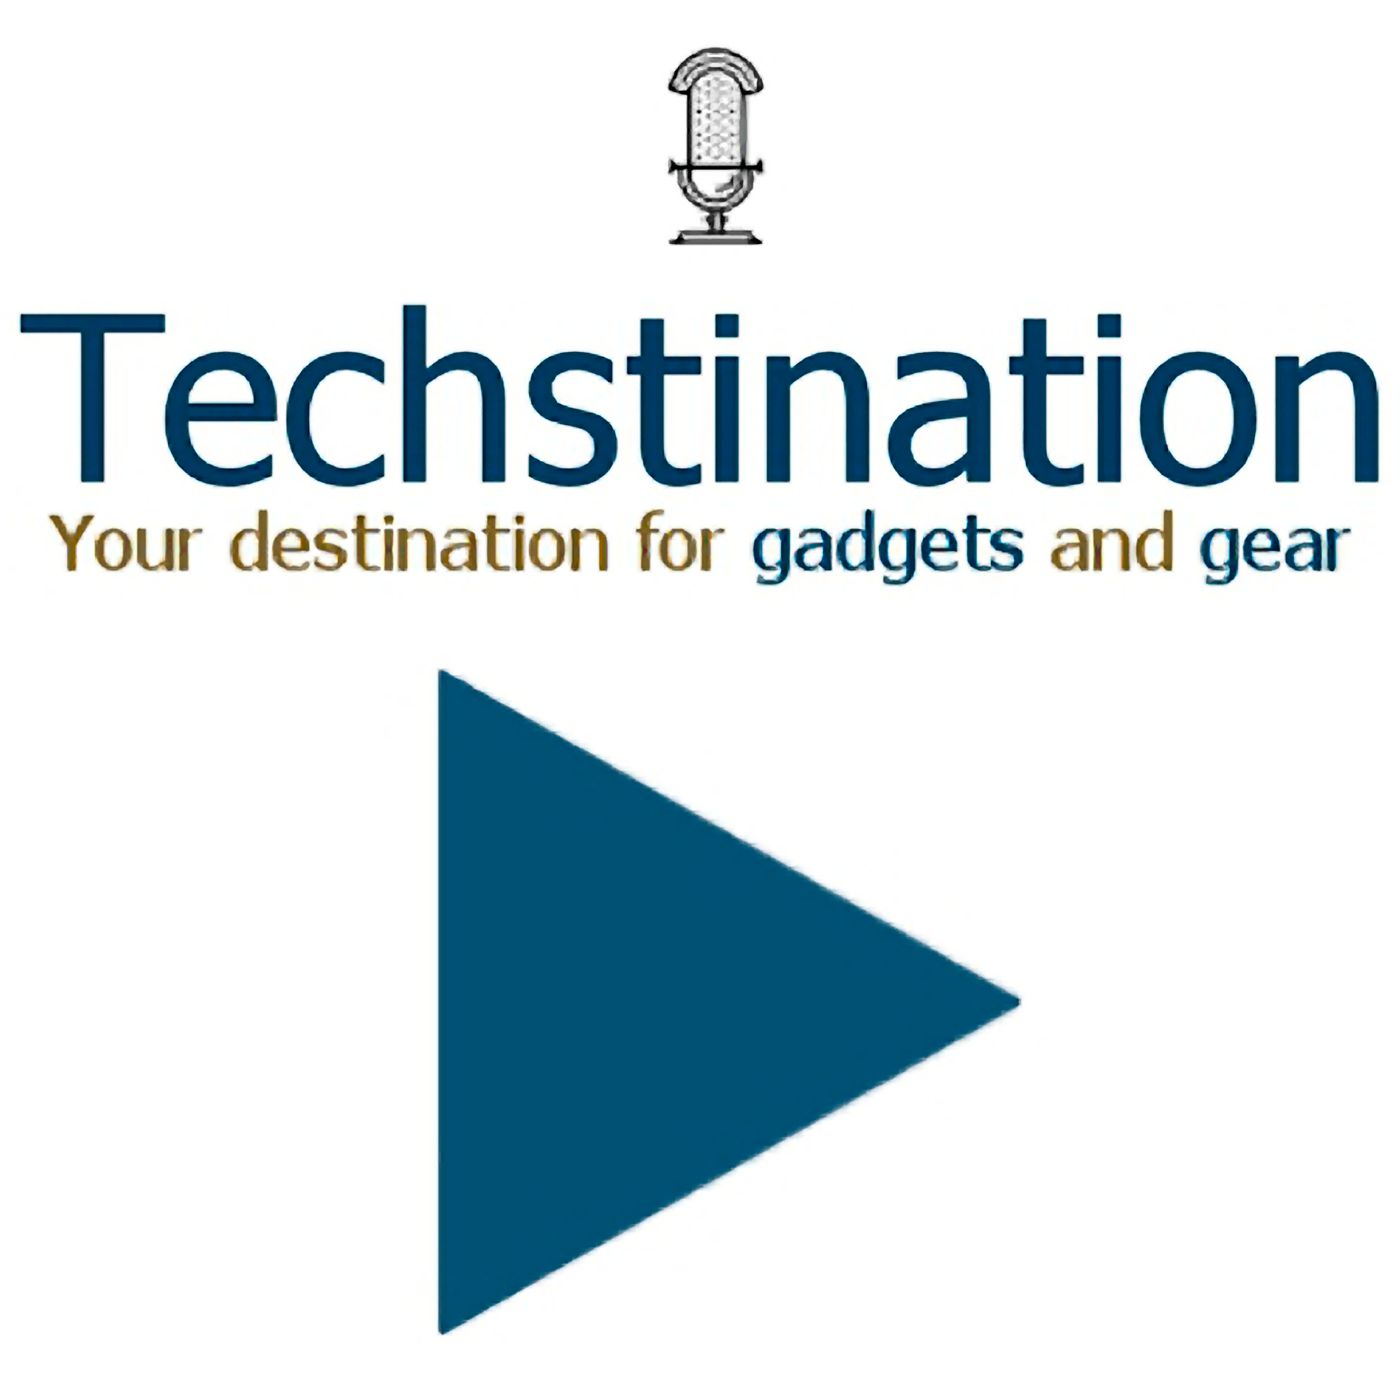 Techstination Week September 24